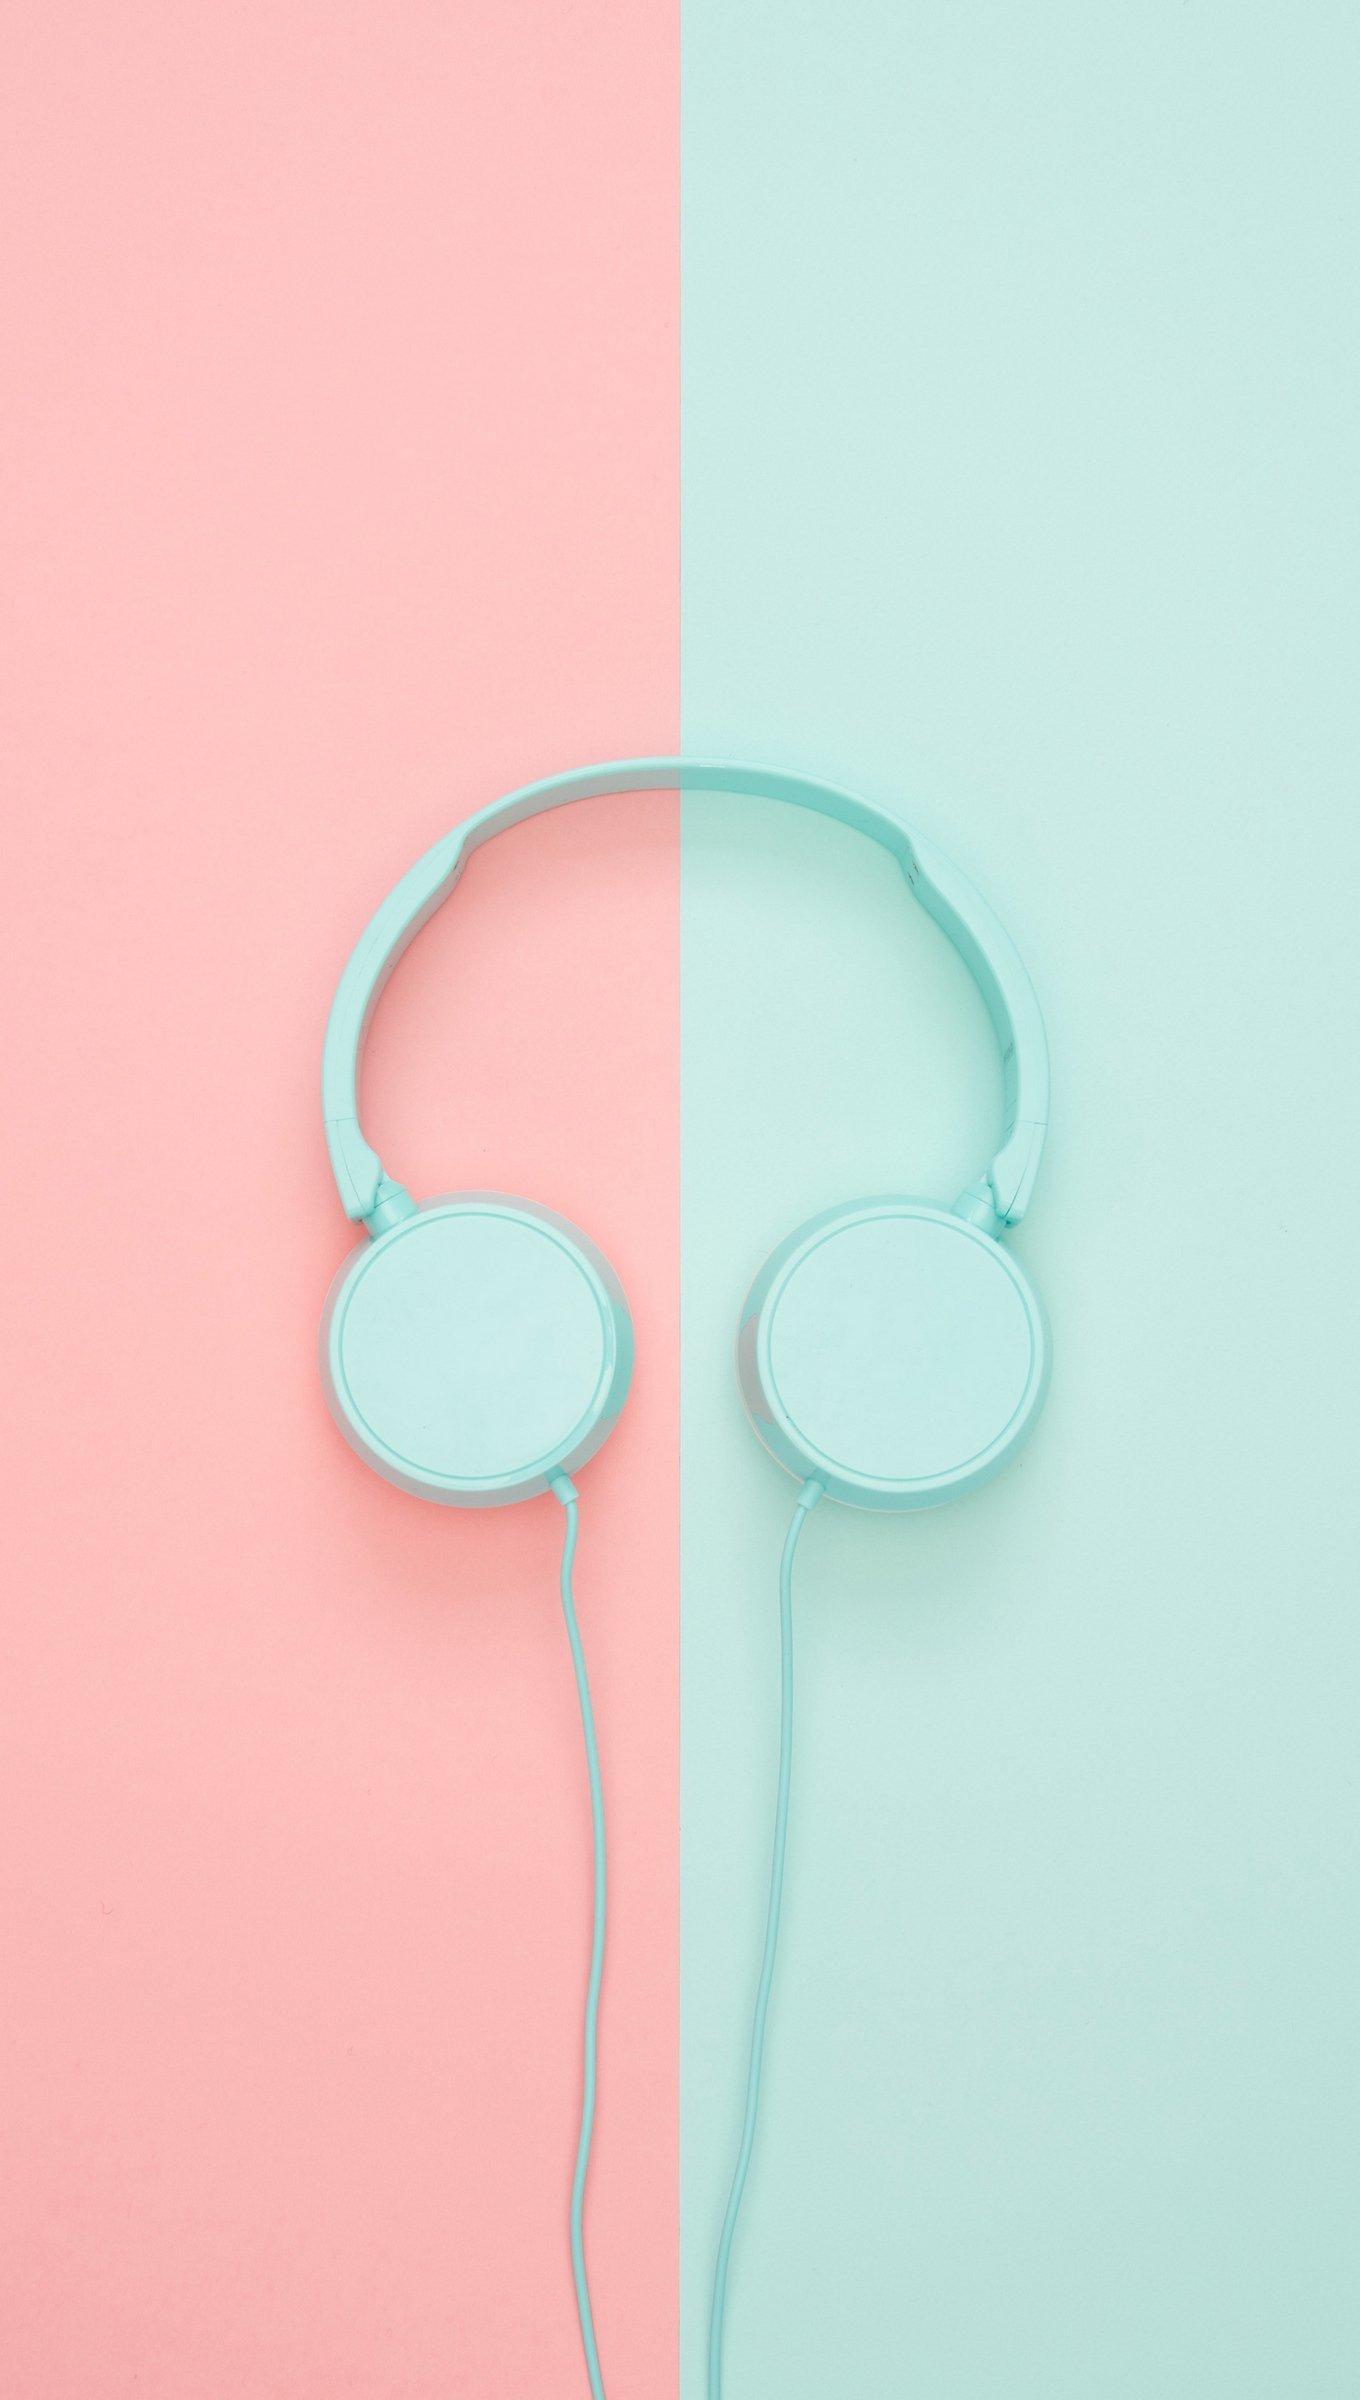 Fondos de pantalla Audífonos en rosa y azul pastel Vertical